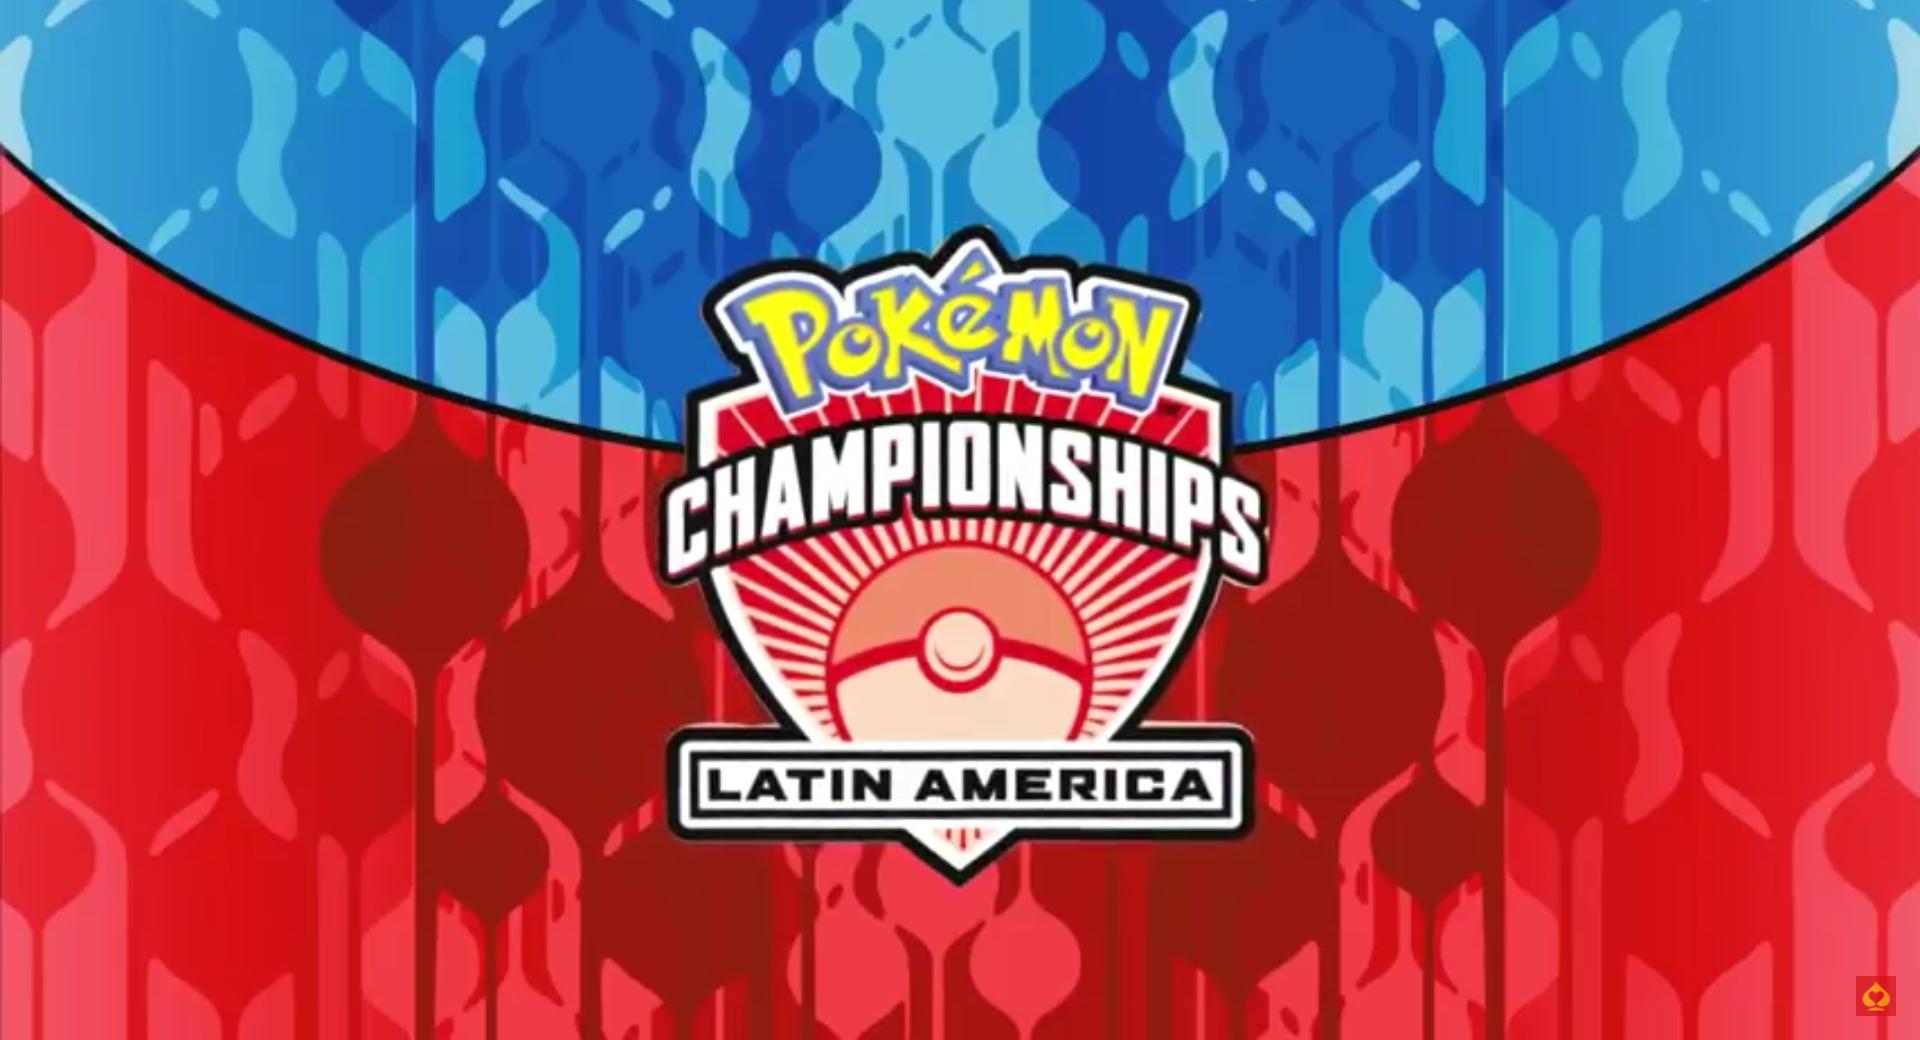 Resultado de imagem para latin america international championships pokemon 2018